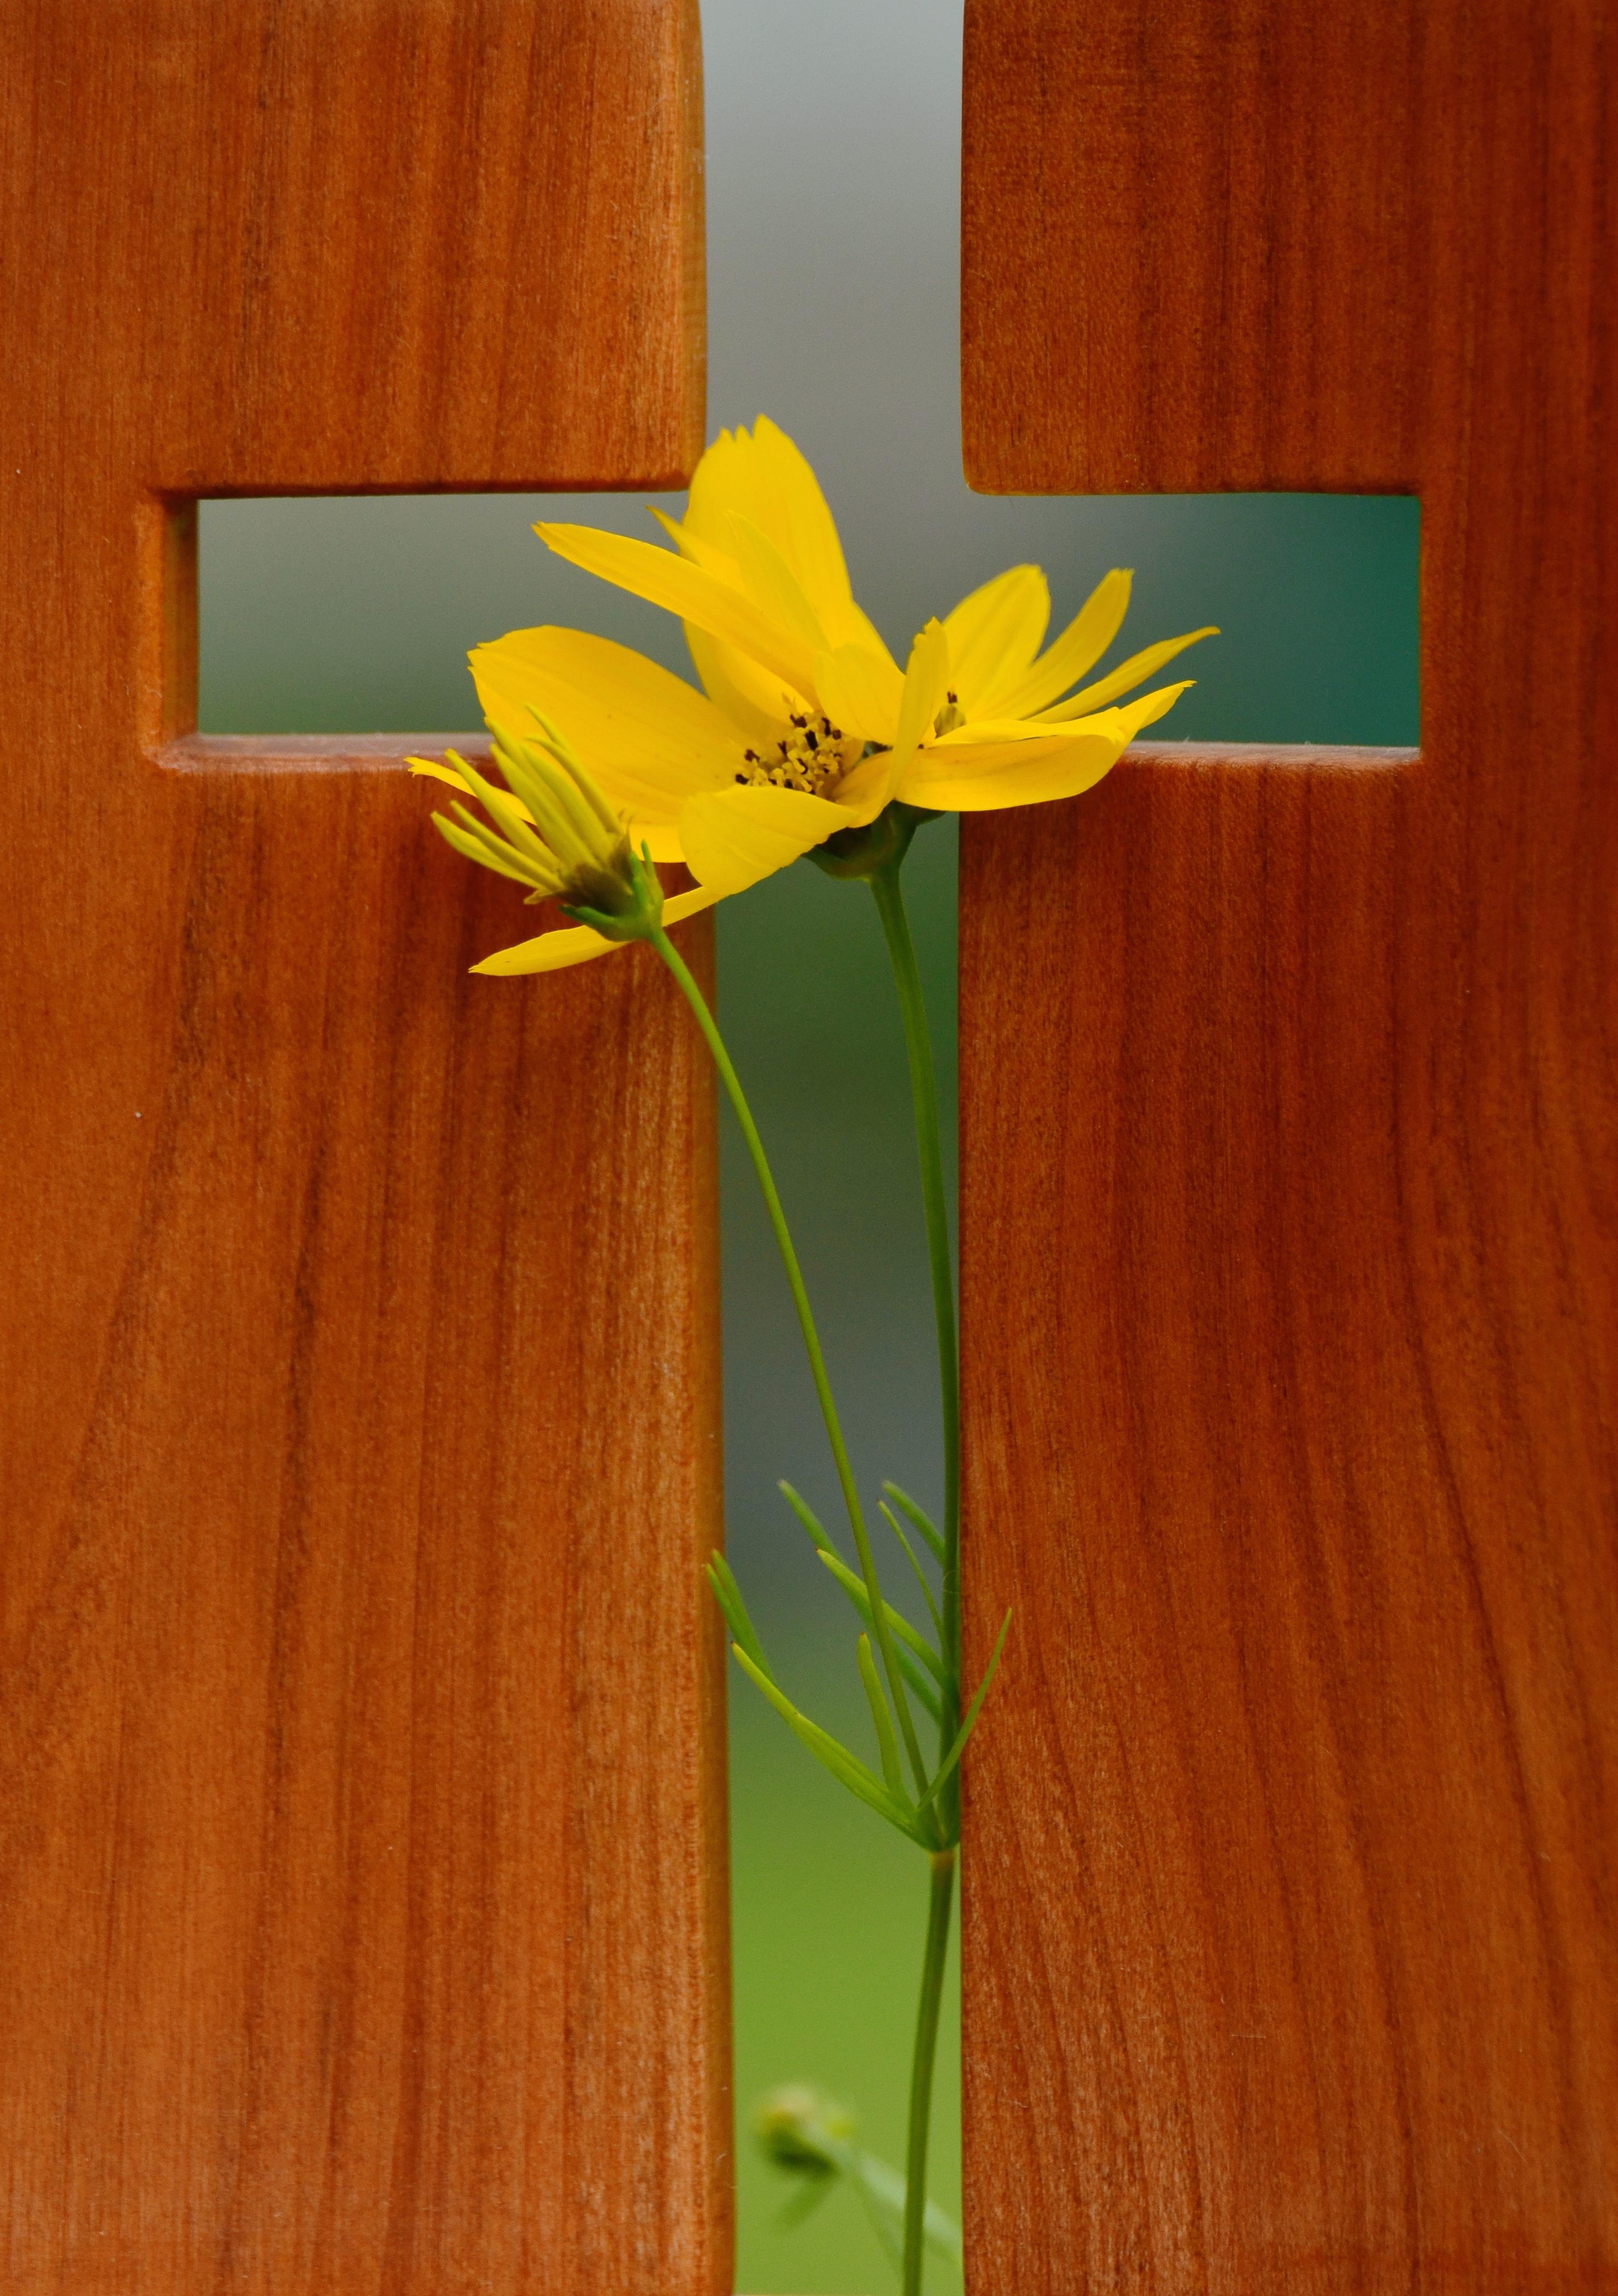 Fotos gratis : hoja, flor, pétalo, vivir, verde, símbolo, religión ...